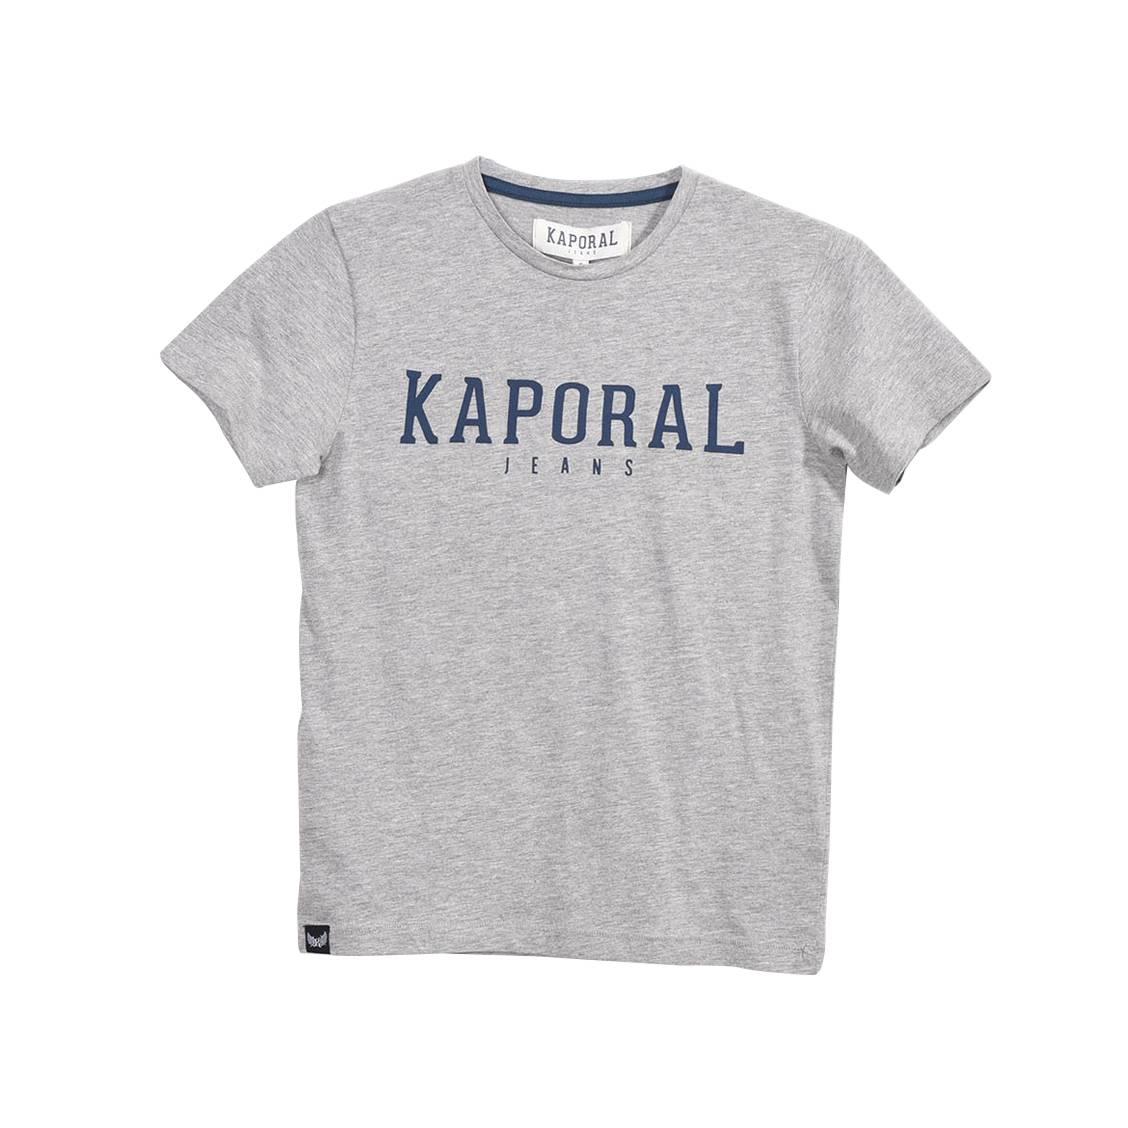 Tee-shirt col rond  rona en coton mélangé gris chiné floqué en bleu marine